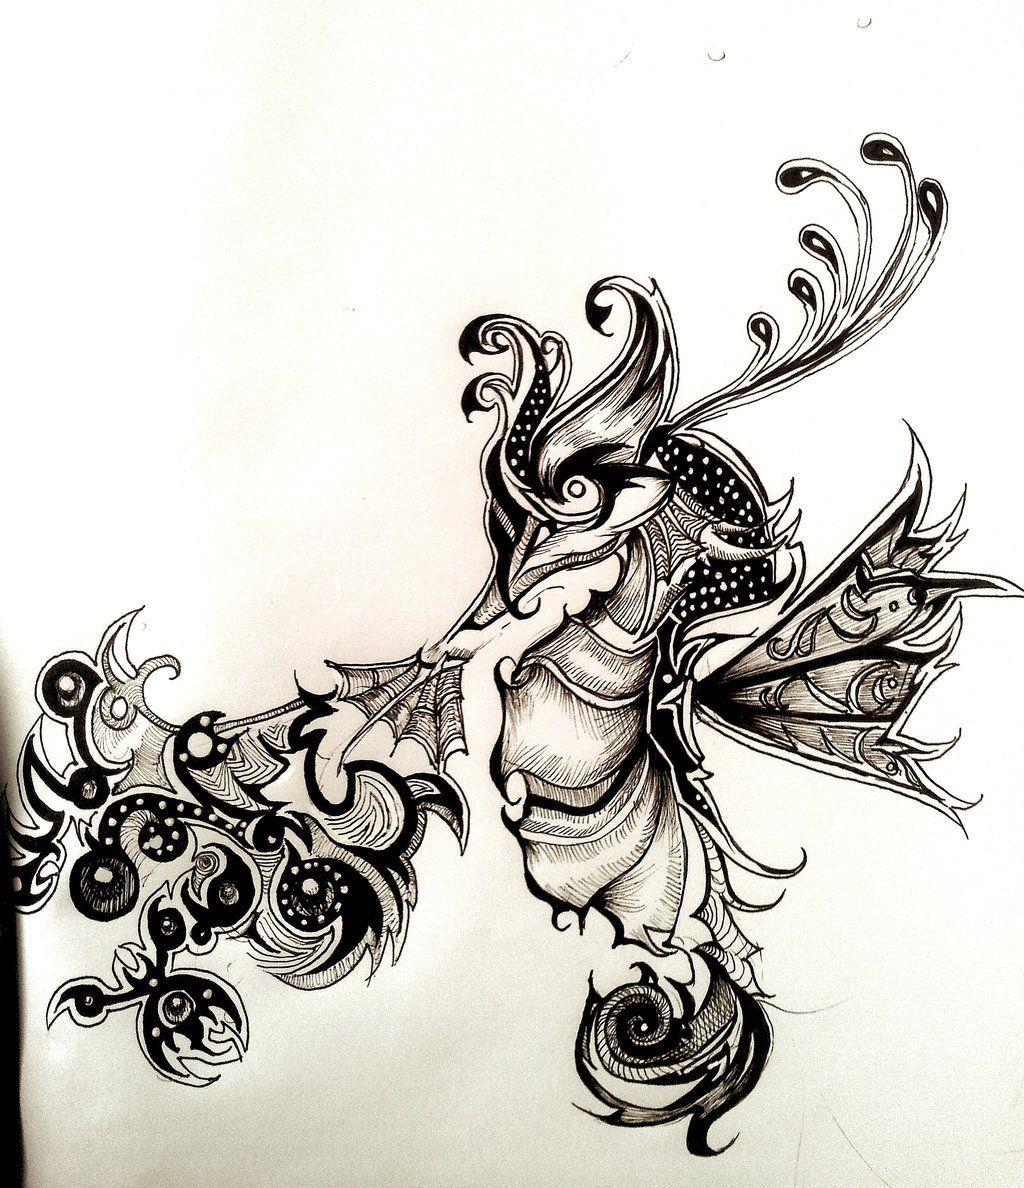 Seahorse by OceanOdyssey.deviantart.com on @deviantART